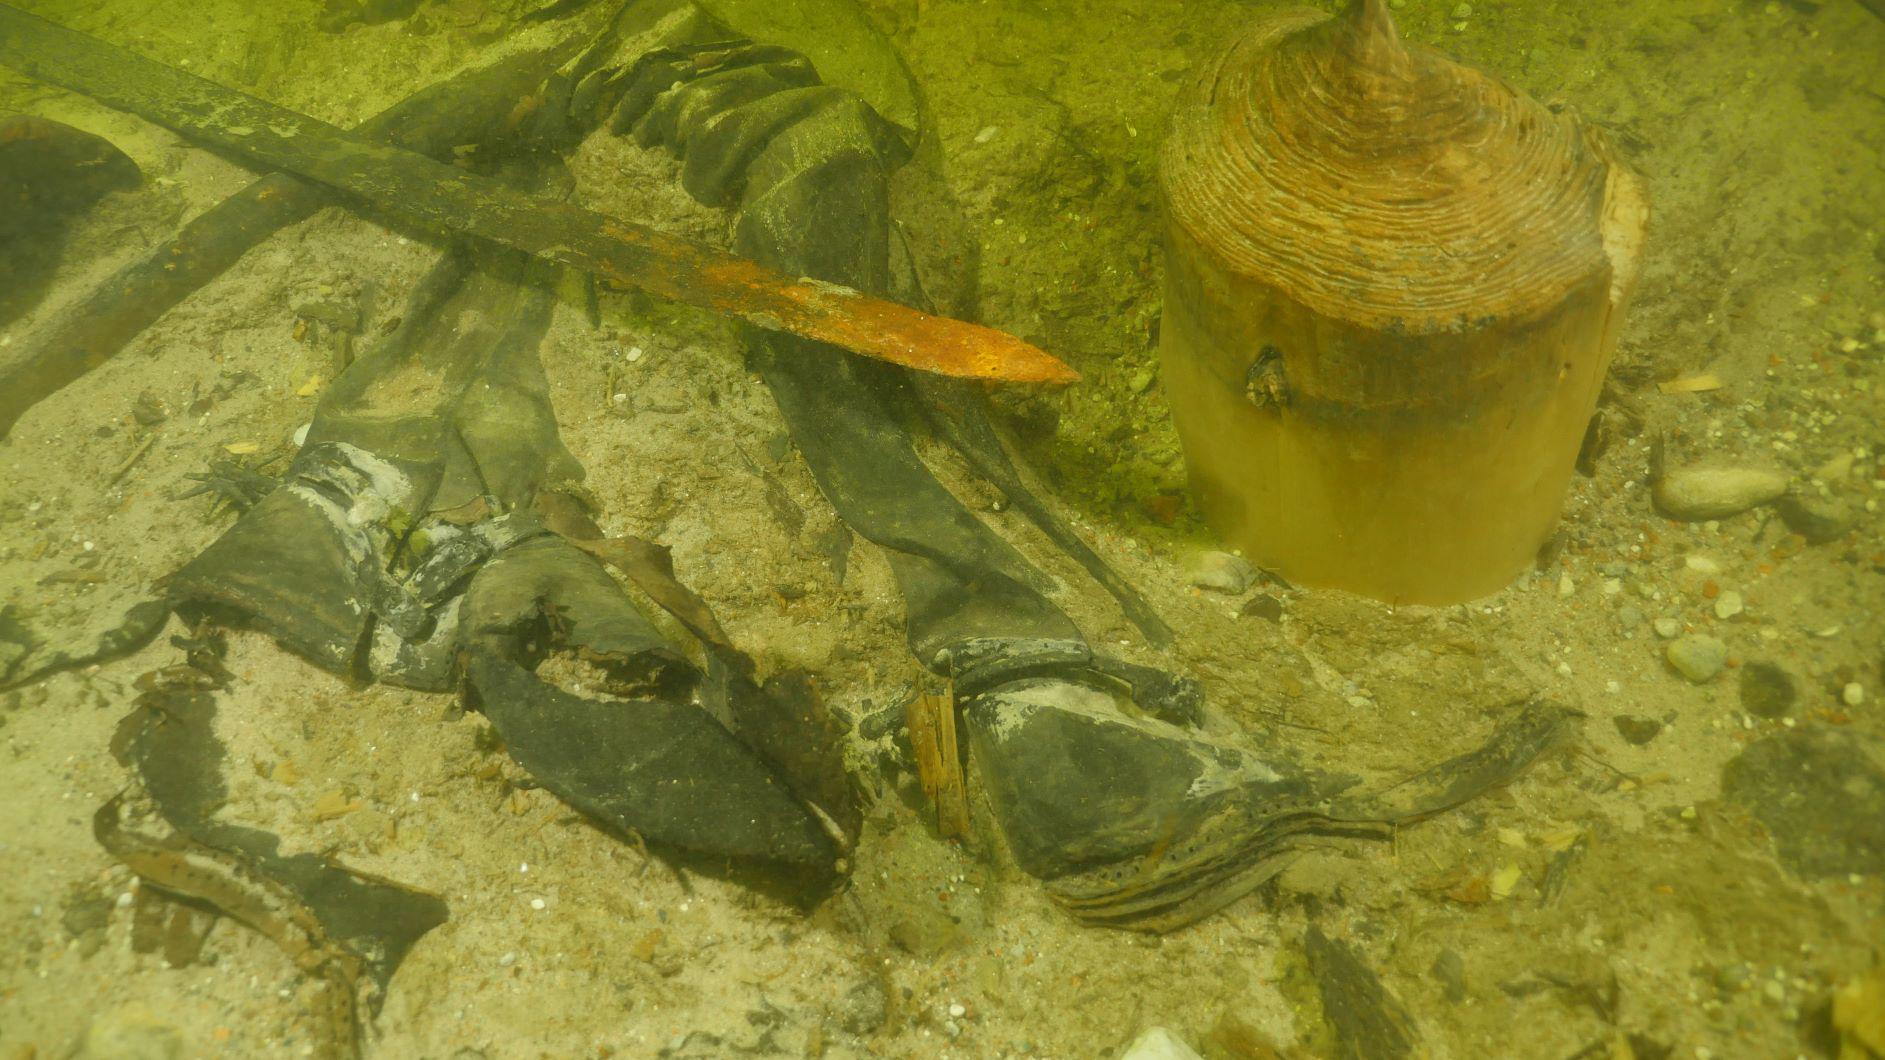 Le squelette et les artefacts étaient étonnamment bien conservés.